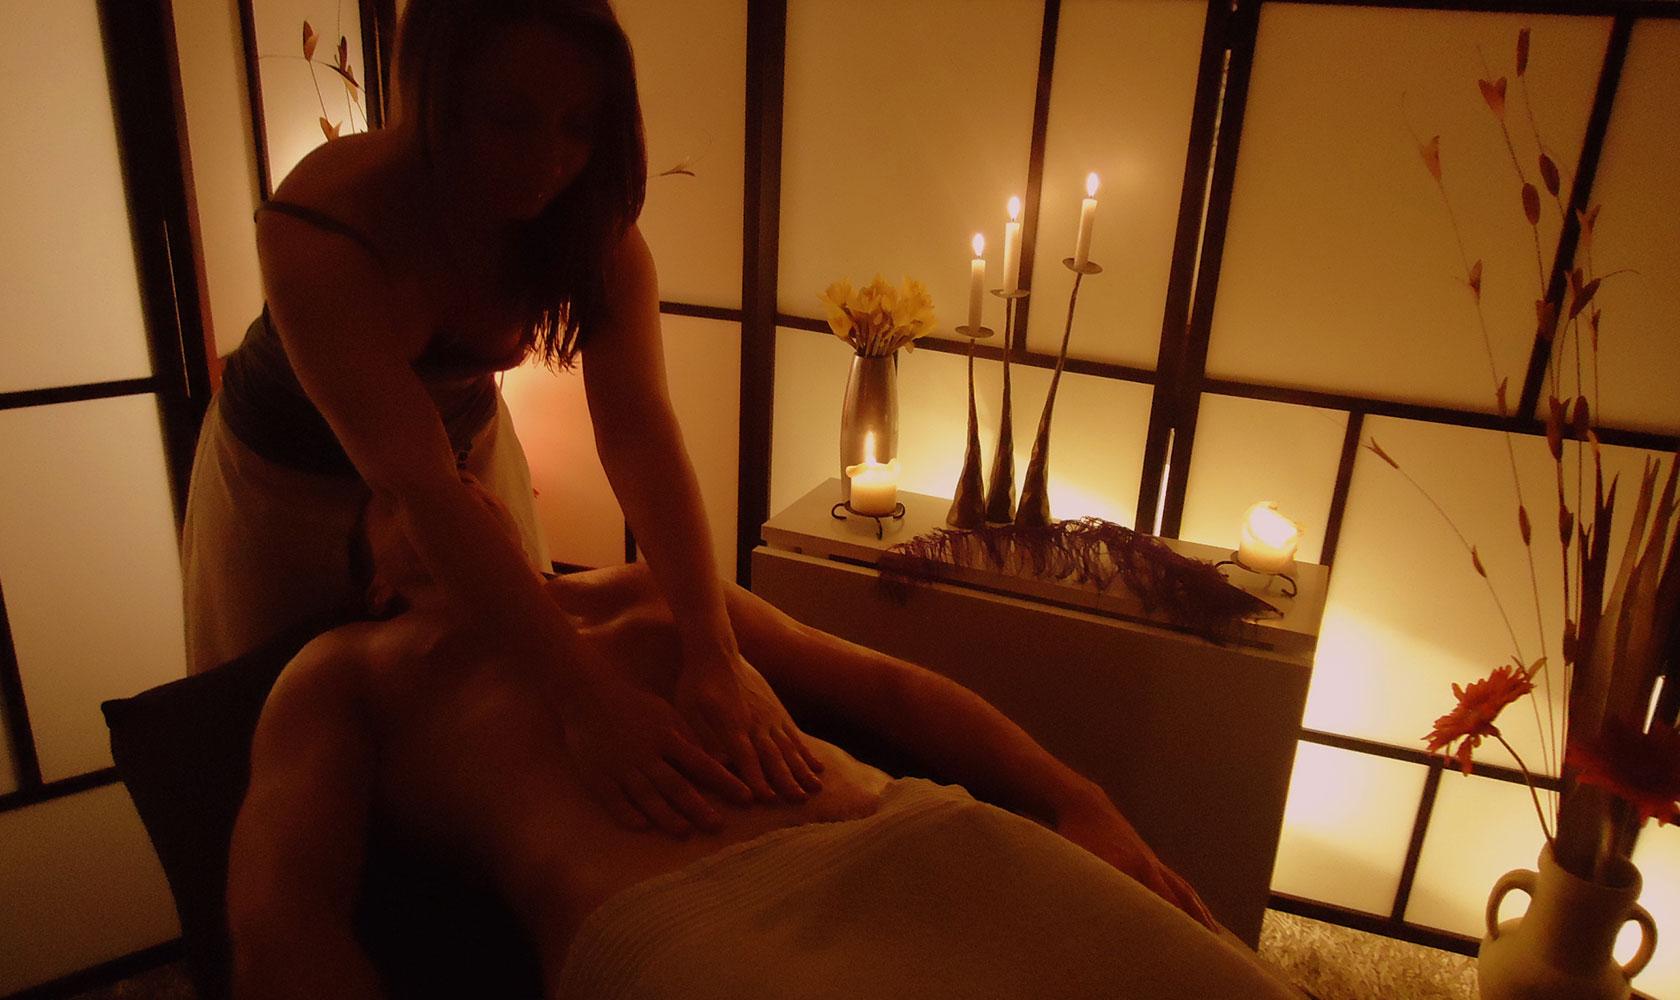 london-adultmassage